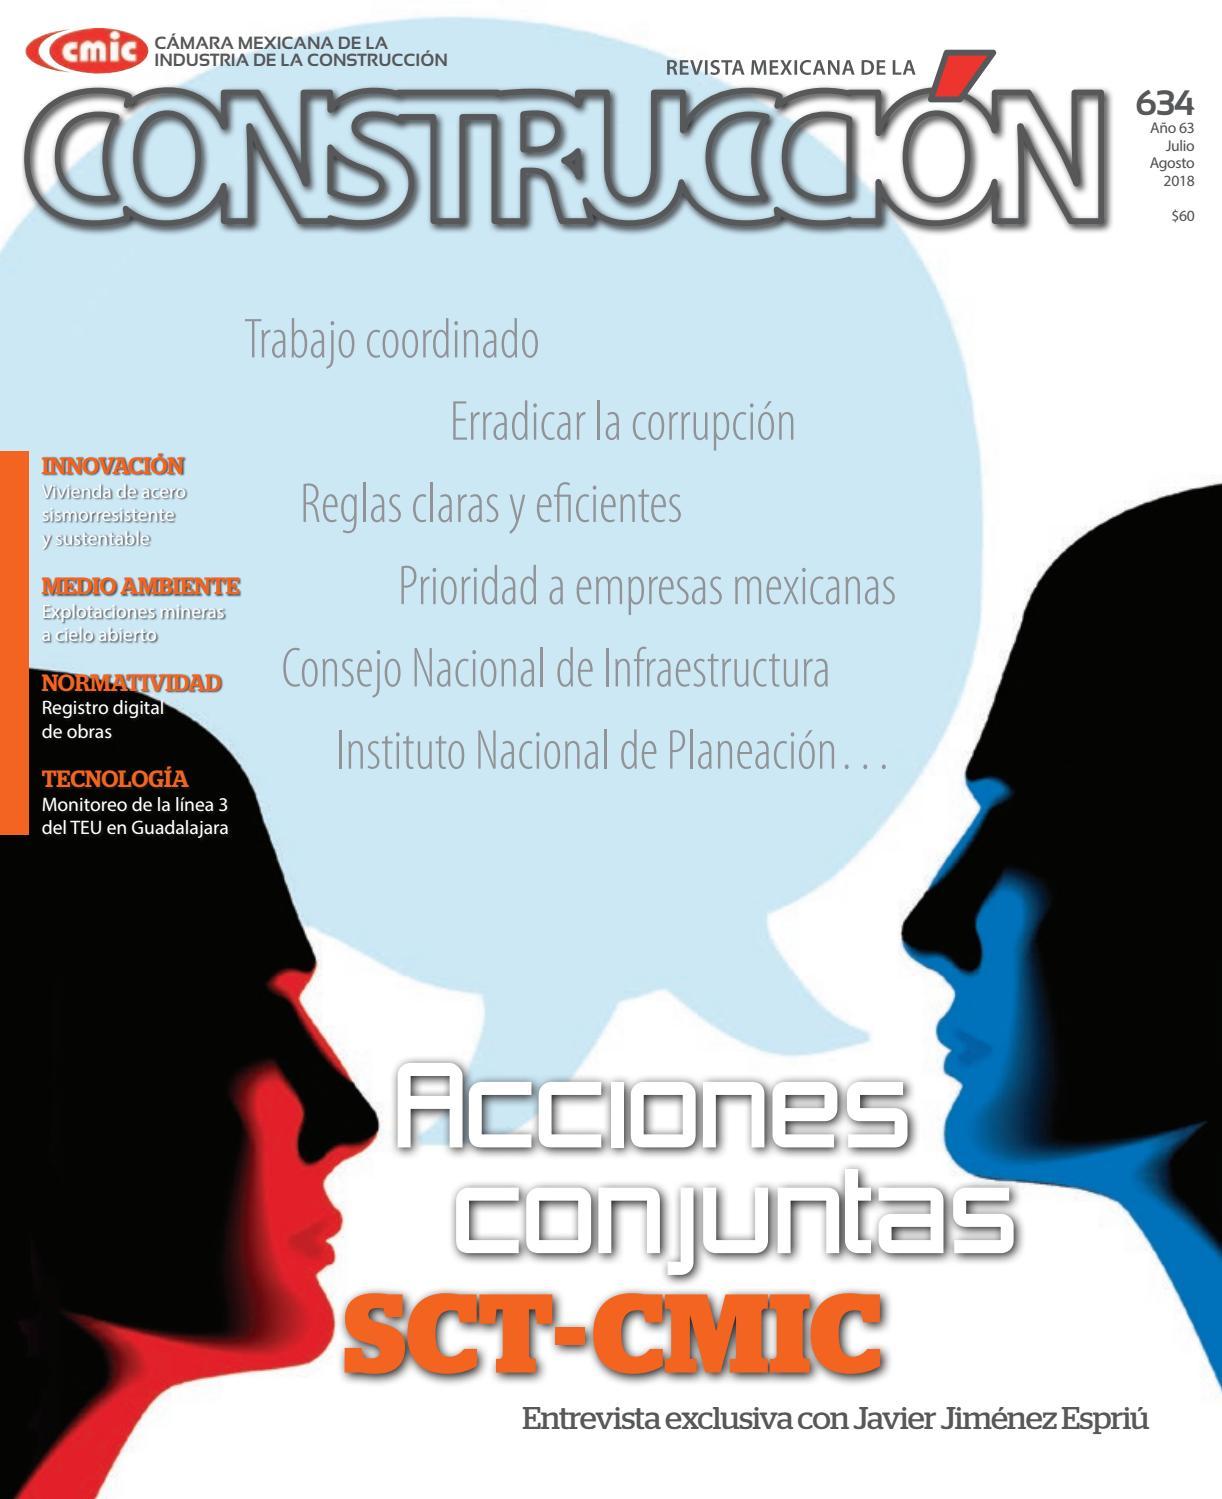 Revista Mexicana de la Construcción RMC 634 Julio-Agosto 2018 by ...